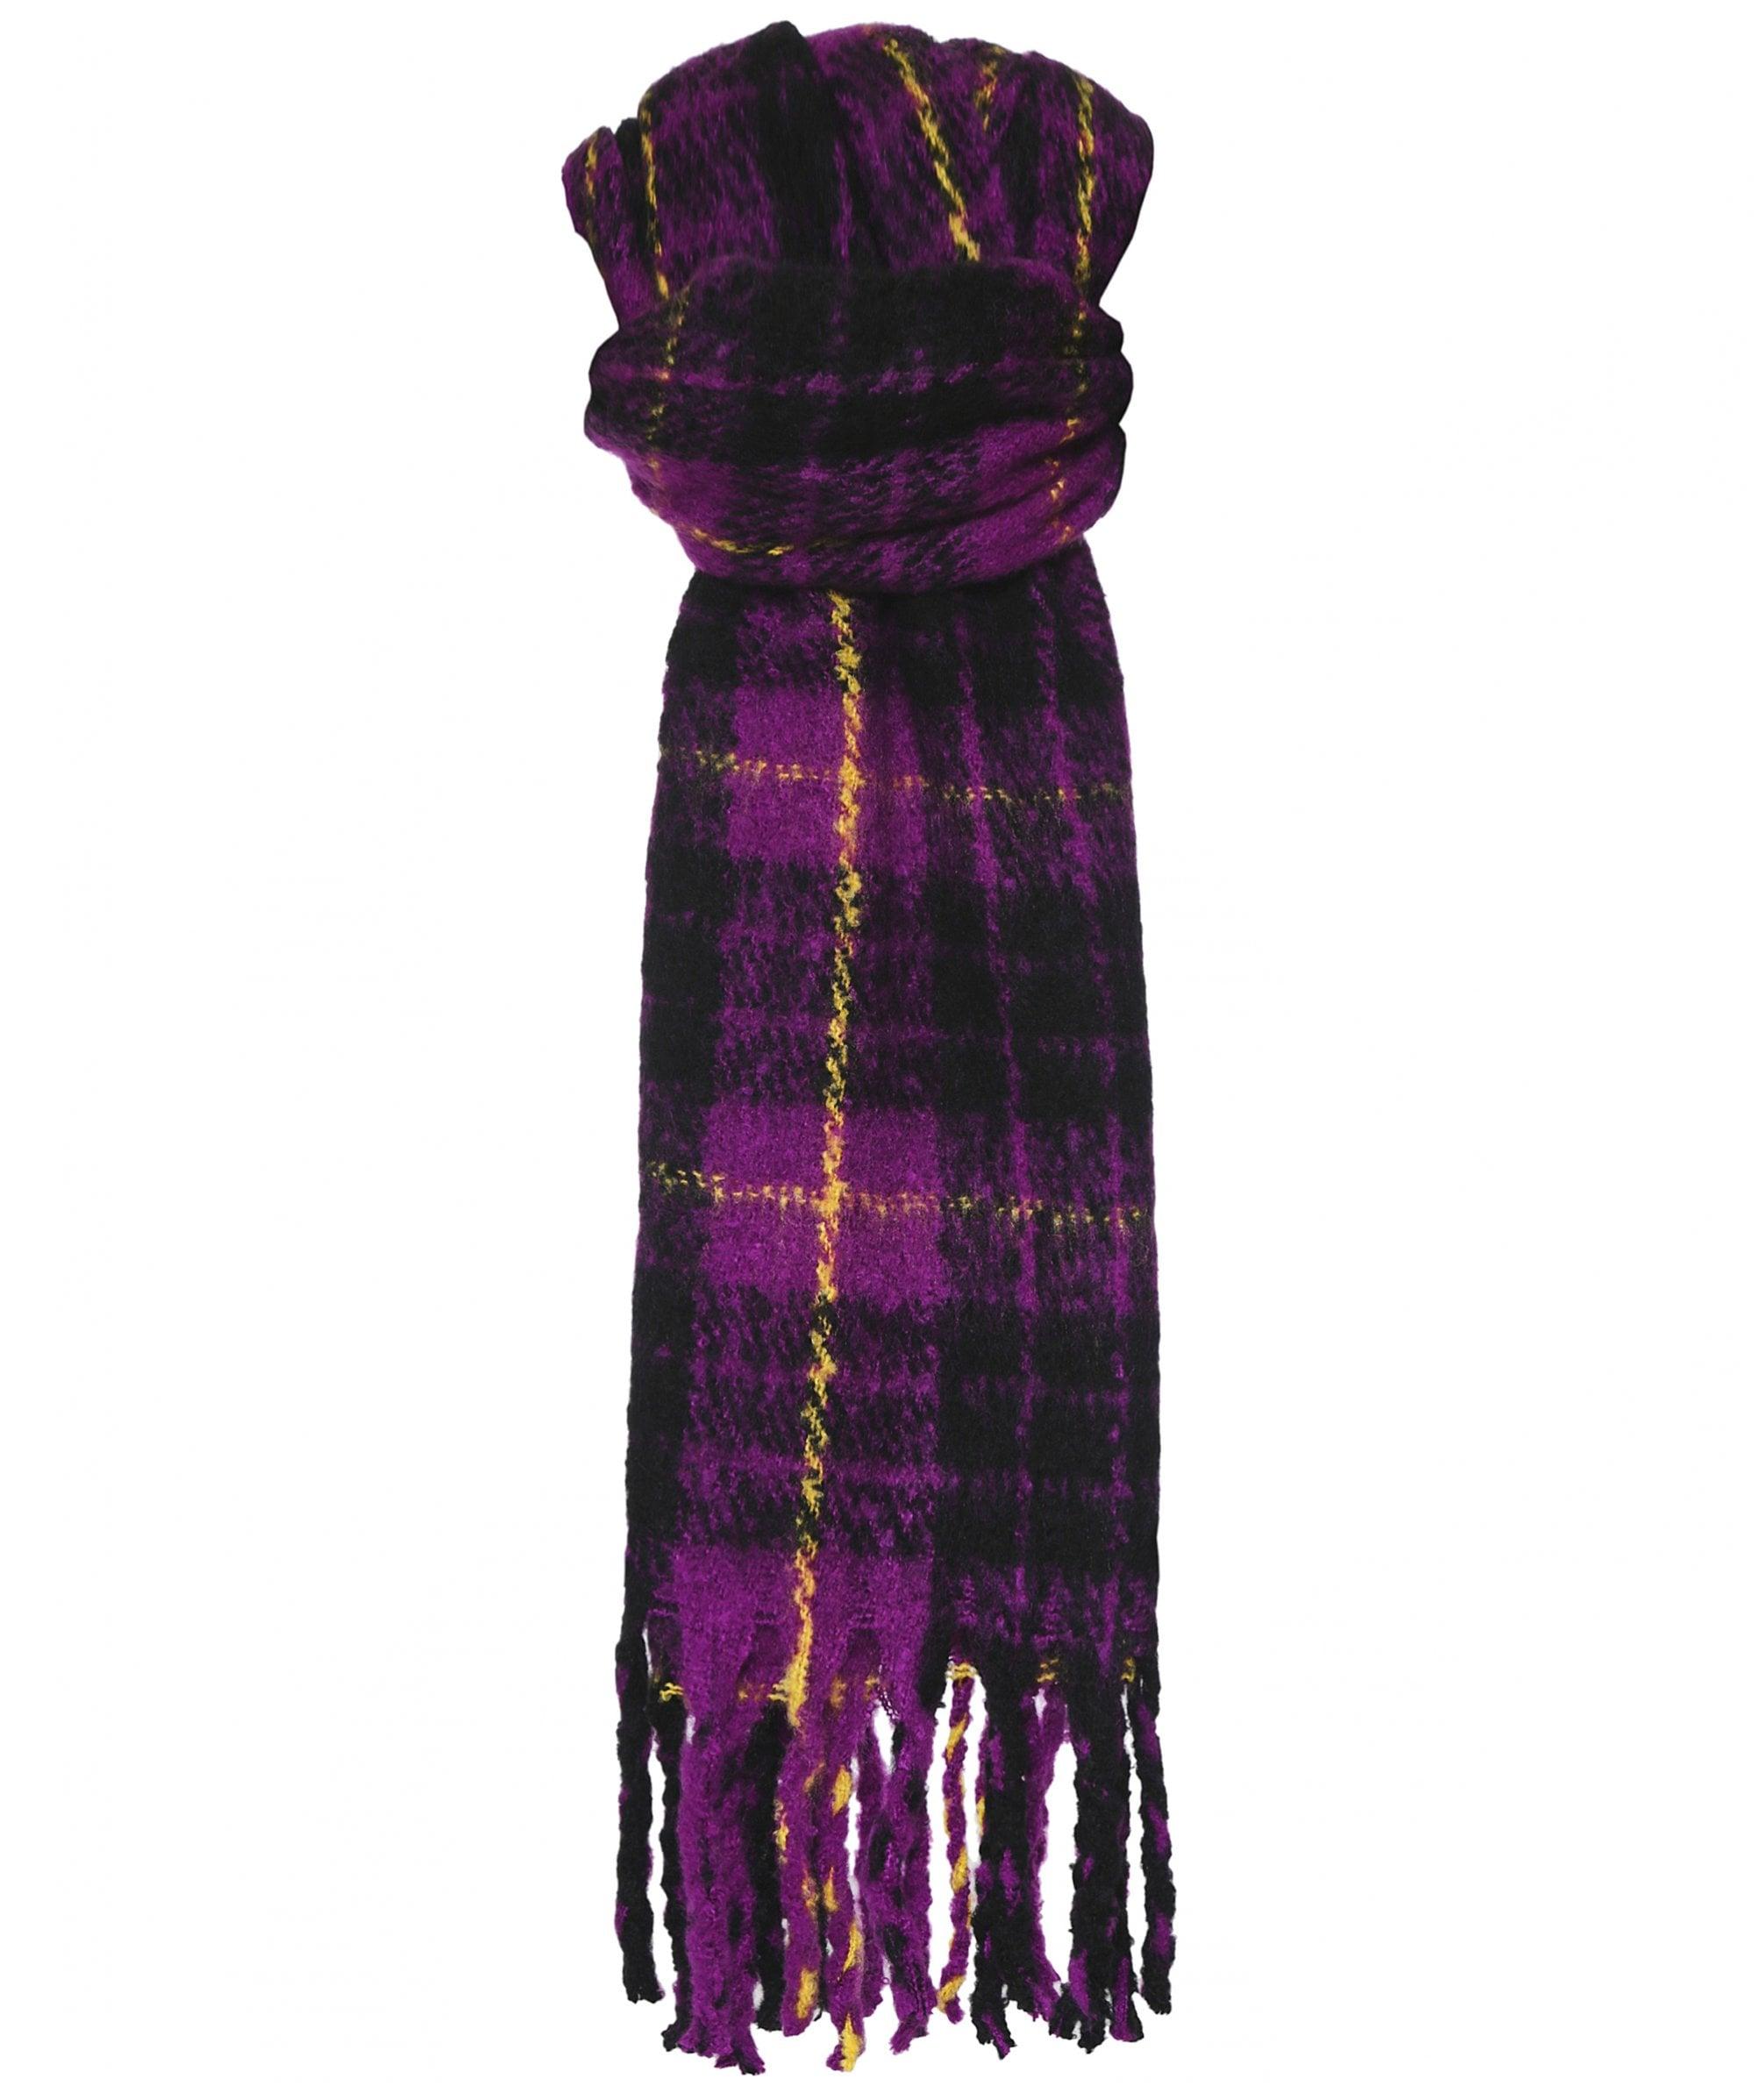 Echarpe purpura